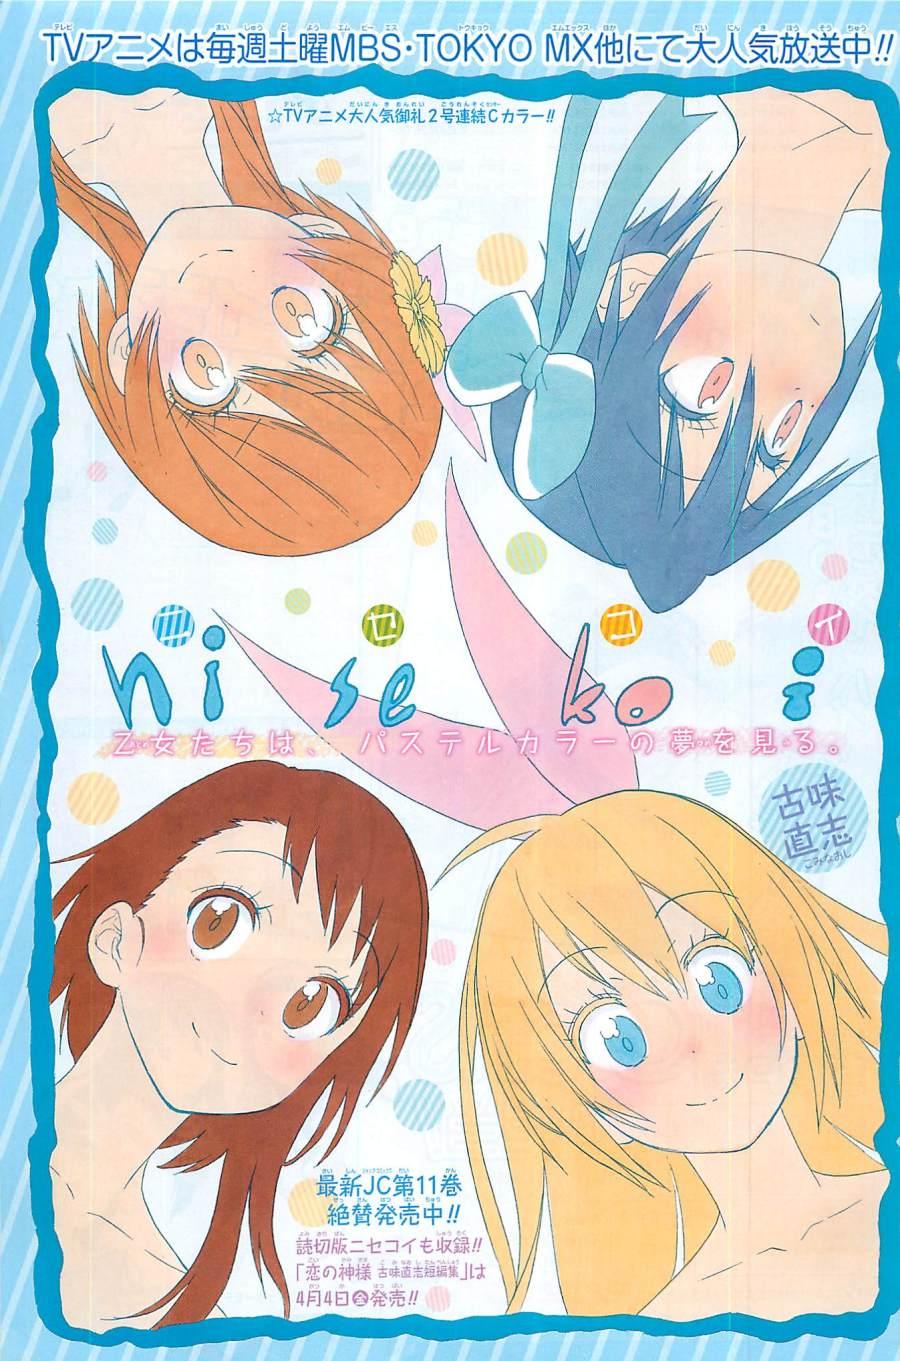 Nisekoi 2014 15 page couleur